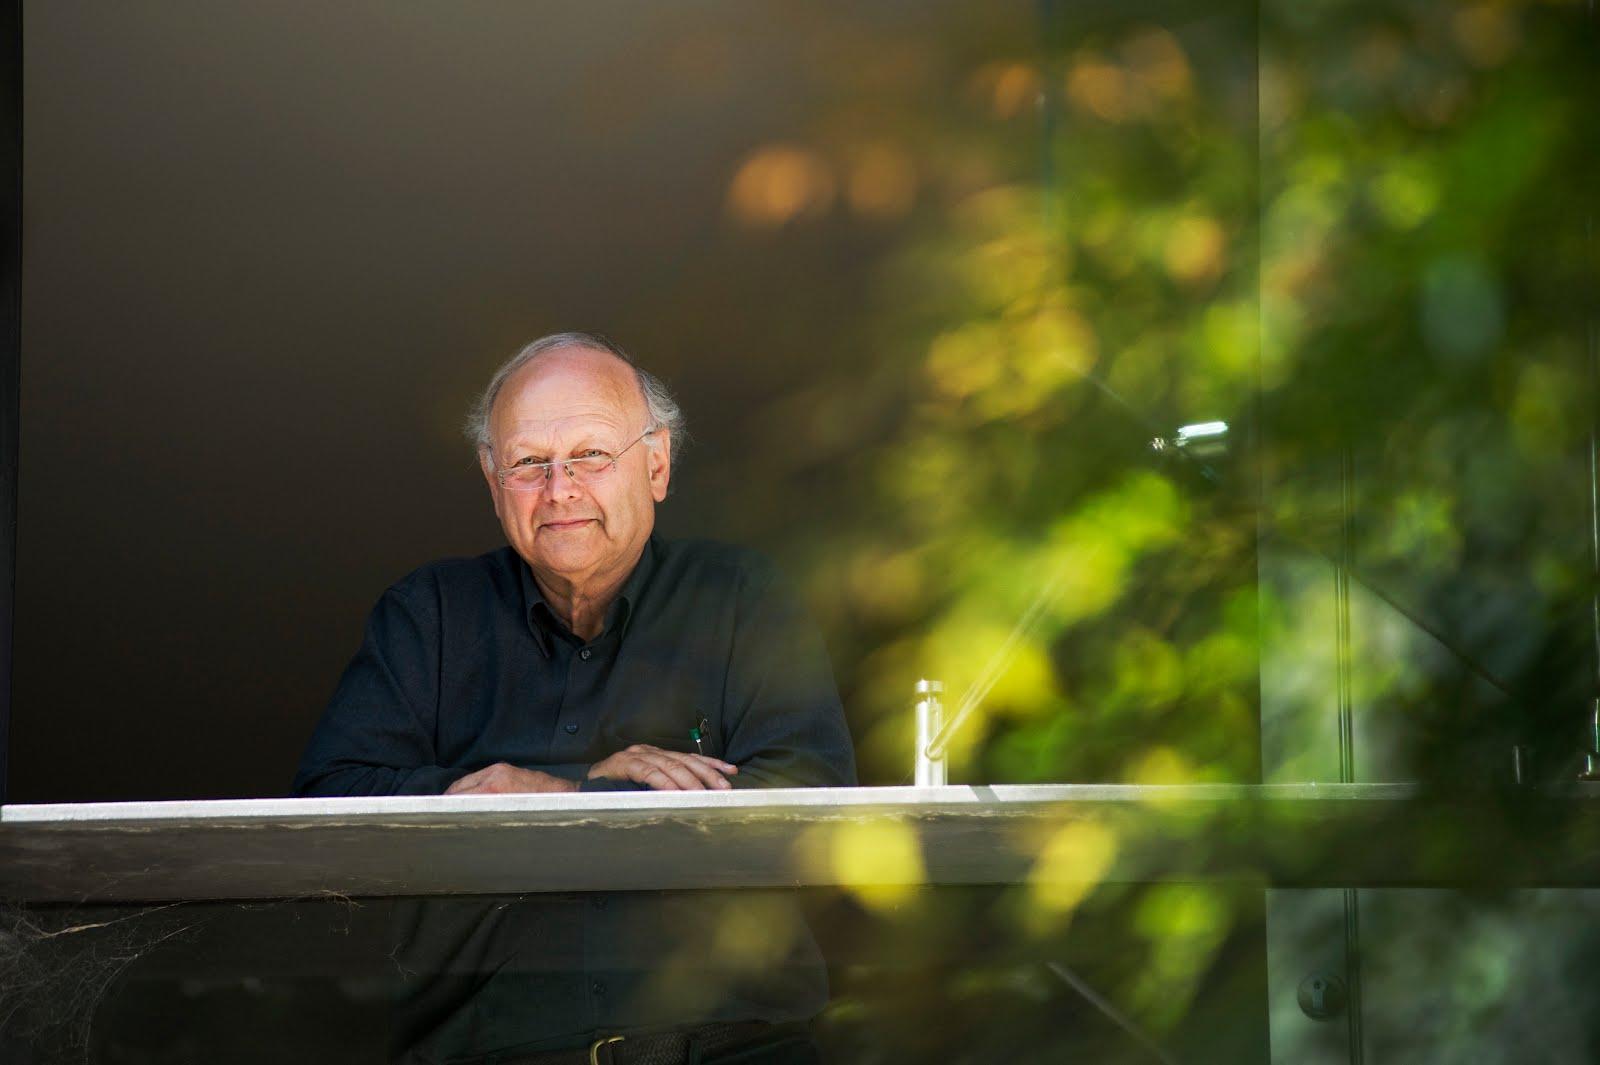 ozetecture: Glenn Murcutt in Ljubljana